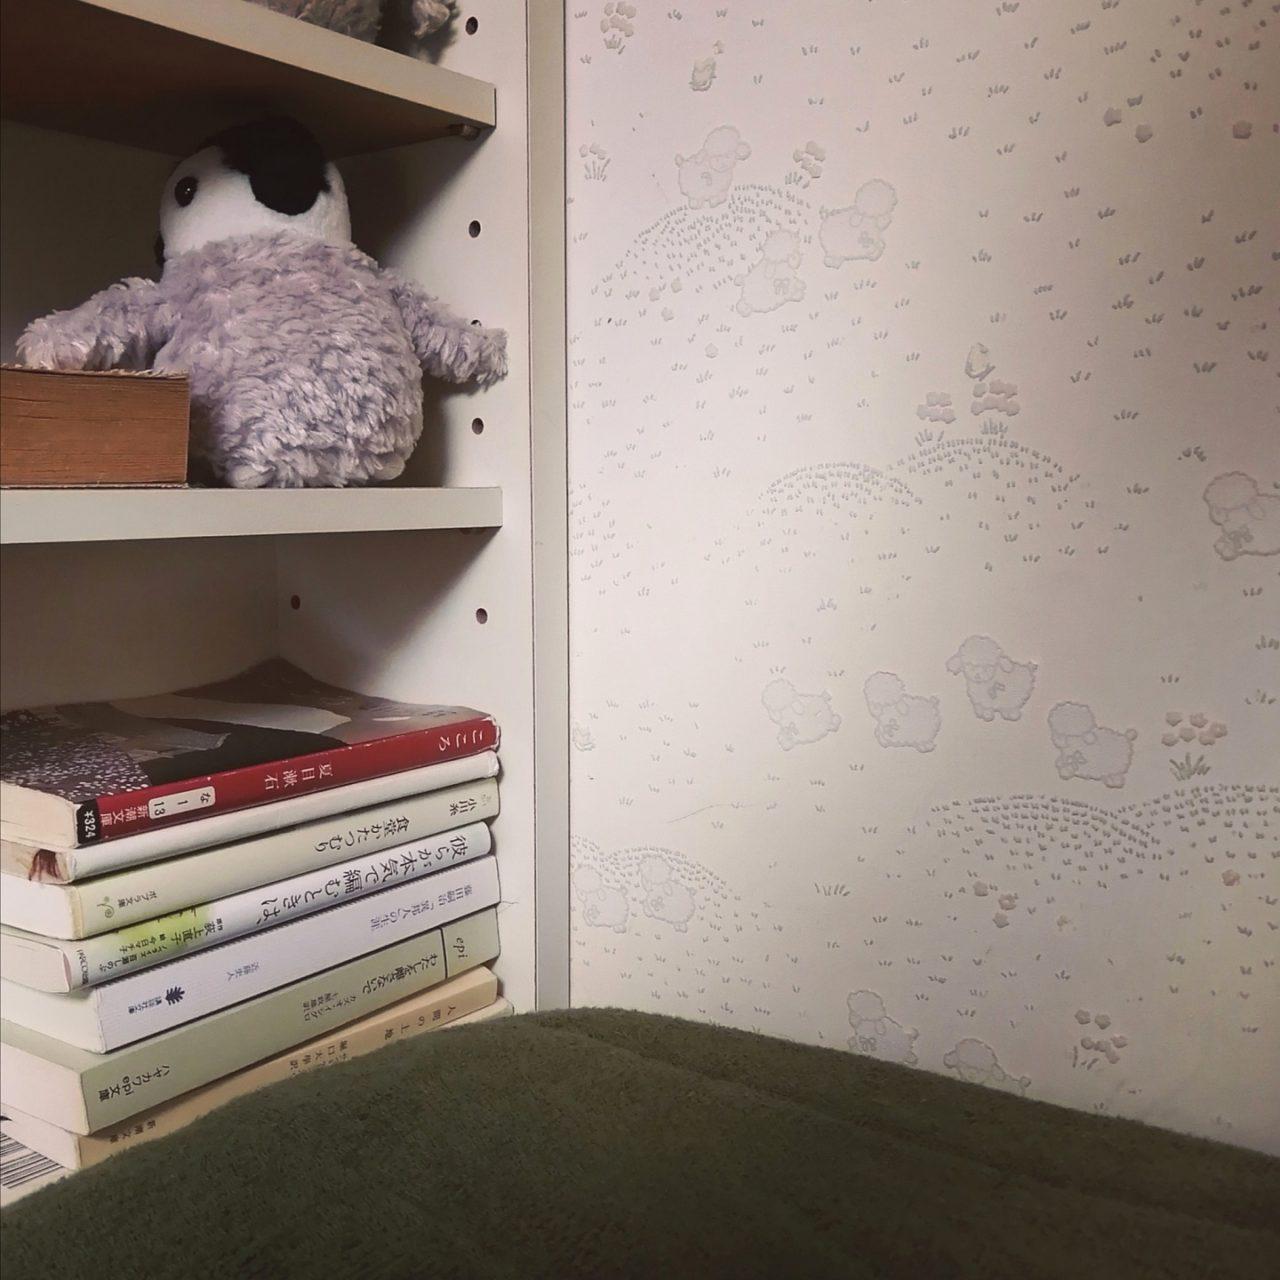 お気に入りの本と雑貨が並んだ寝室の棚の写真。